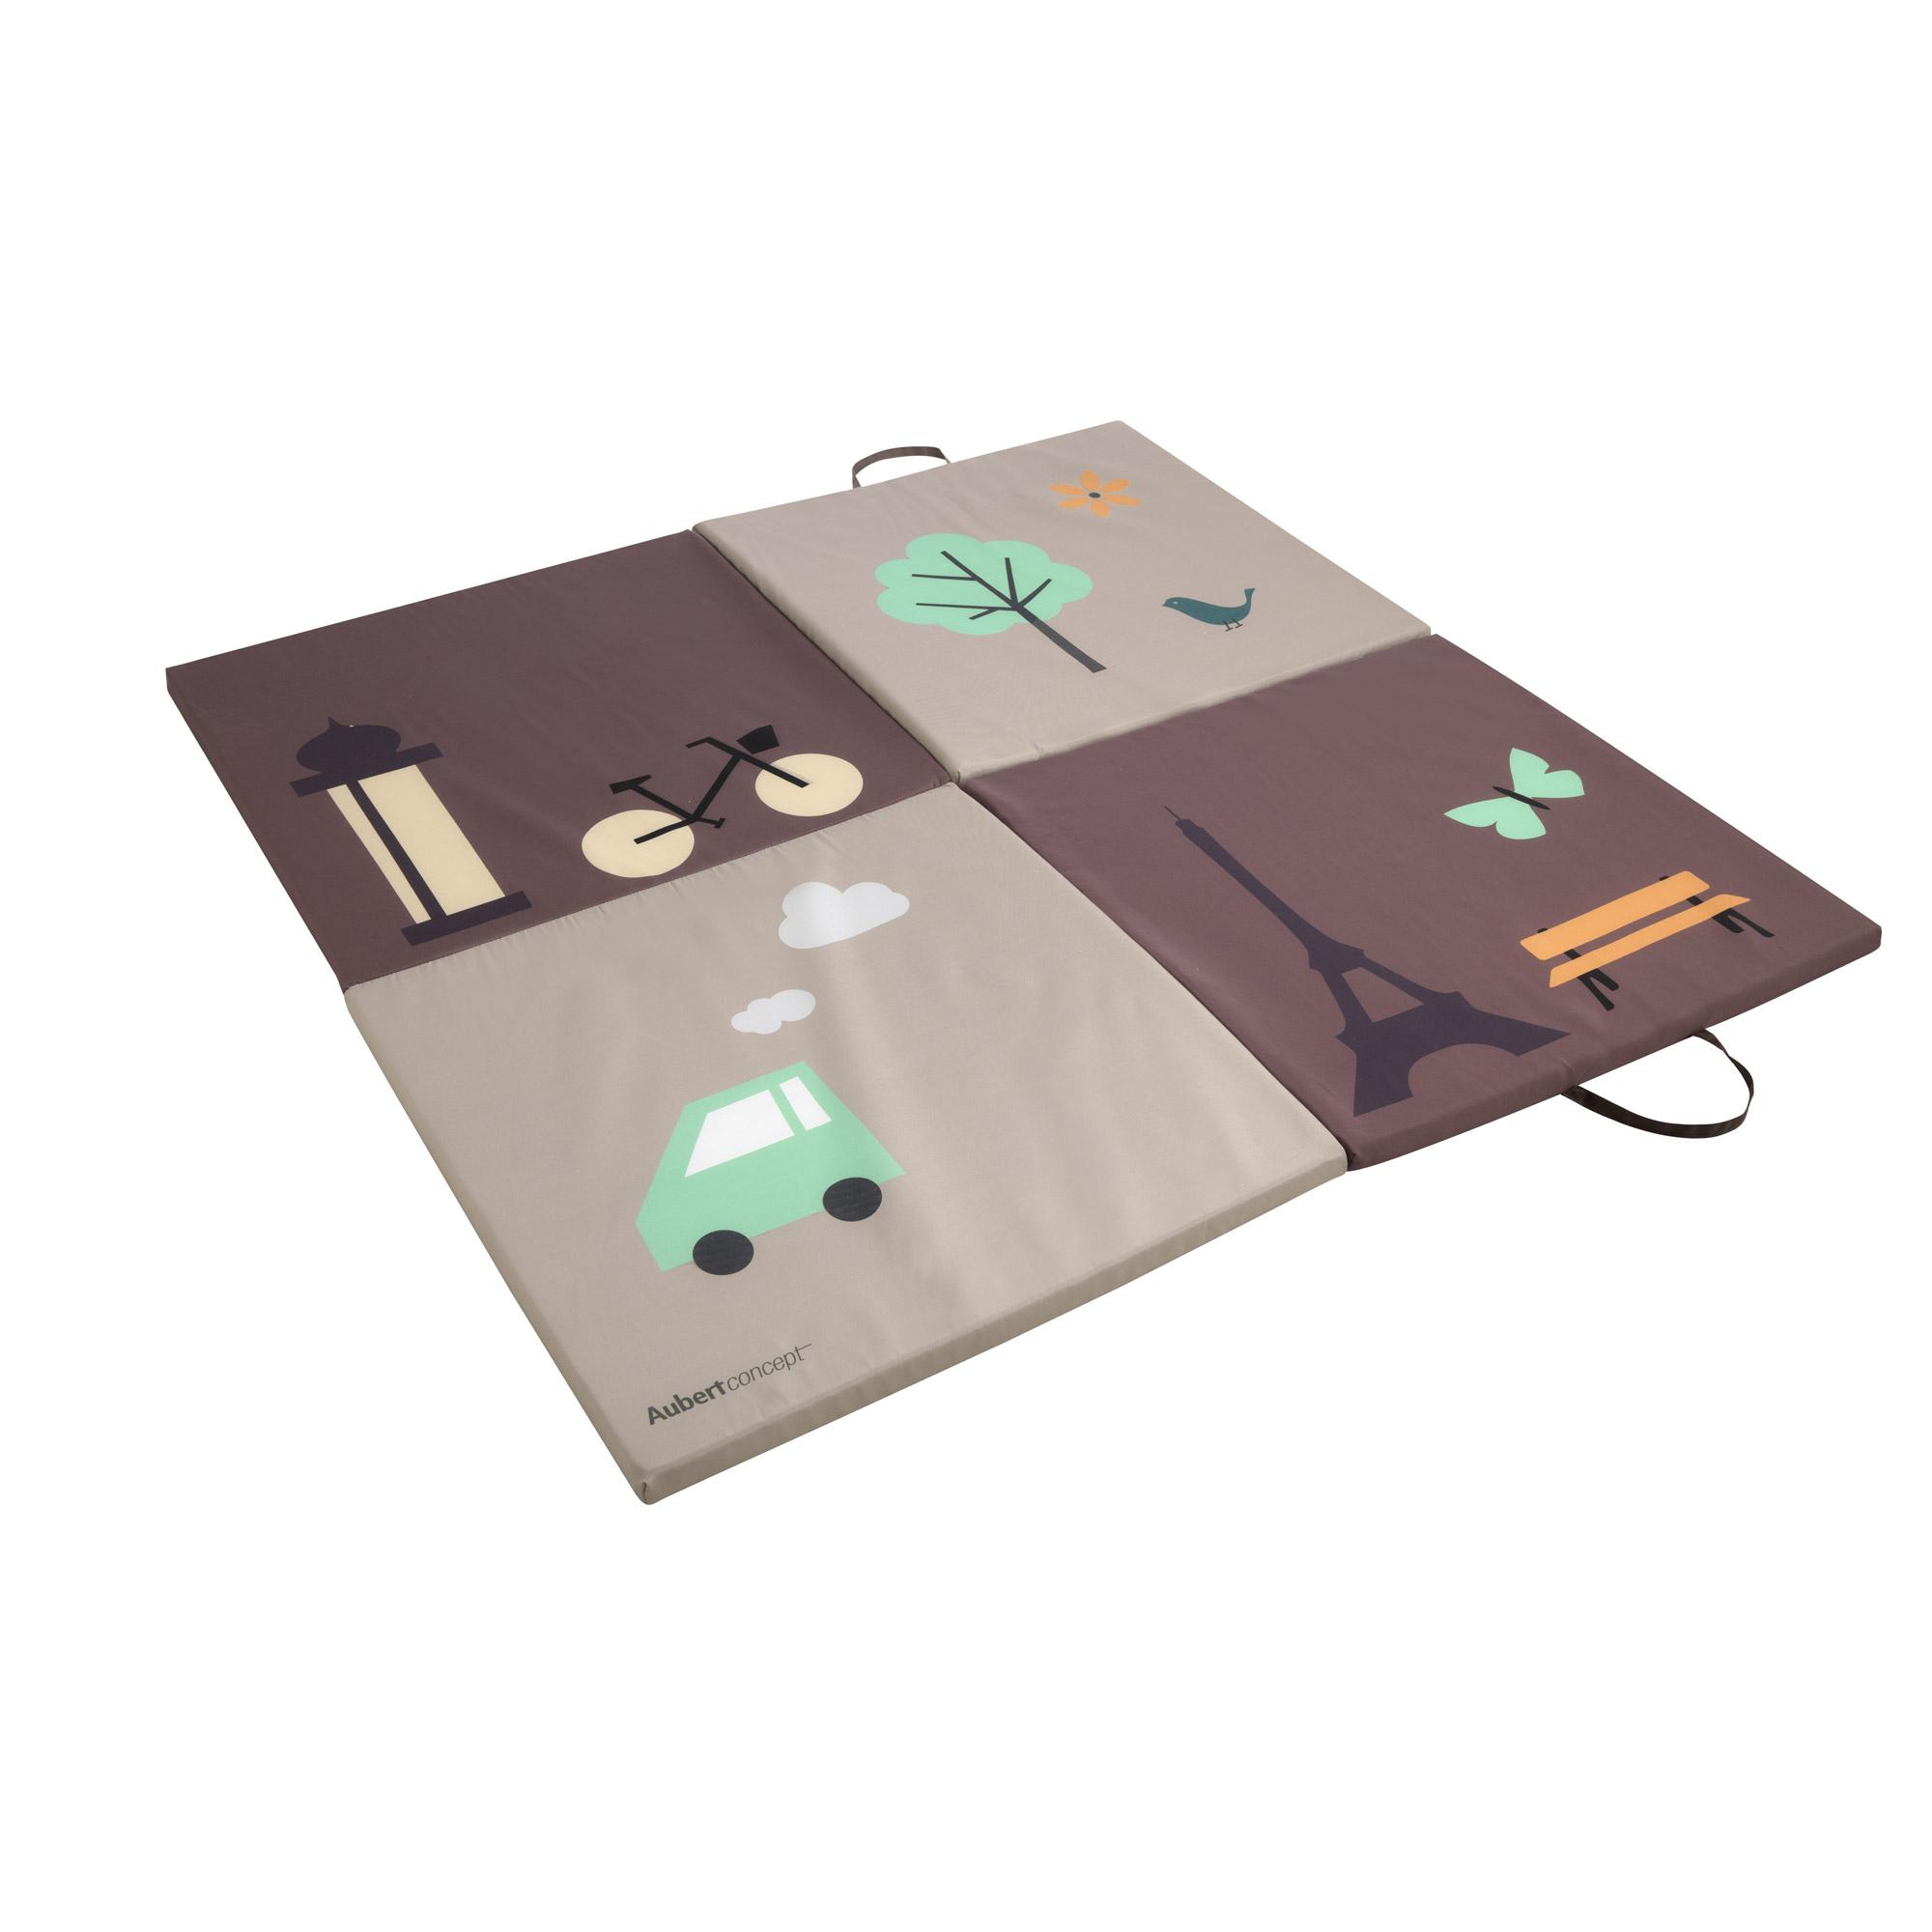 Tapis Chambre Bébé Mixte tapis matelas de sol marron de aubert concept, tapis d'éveil